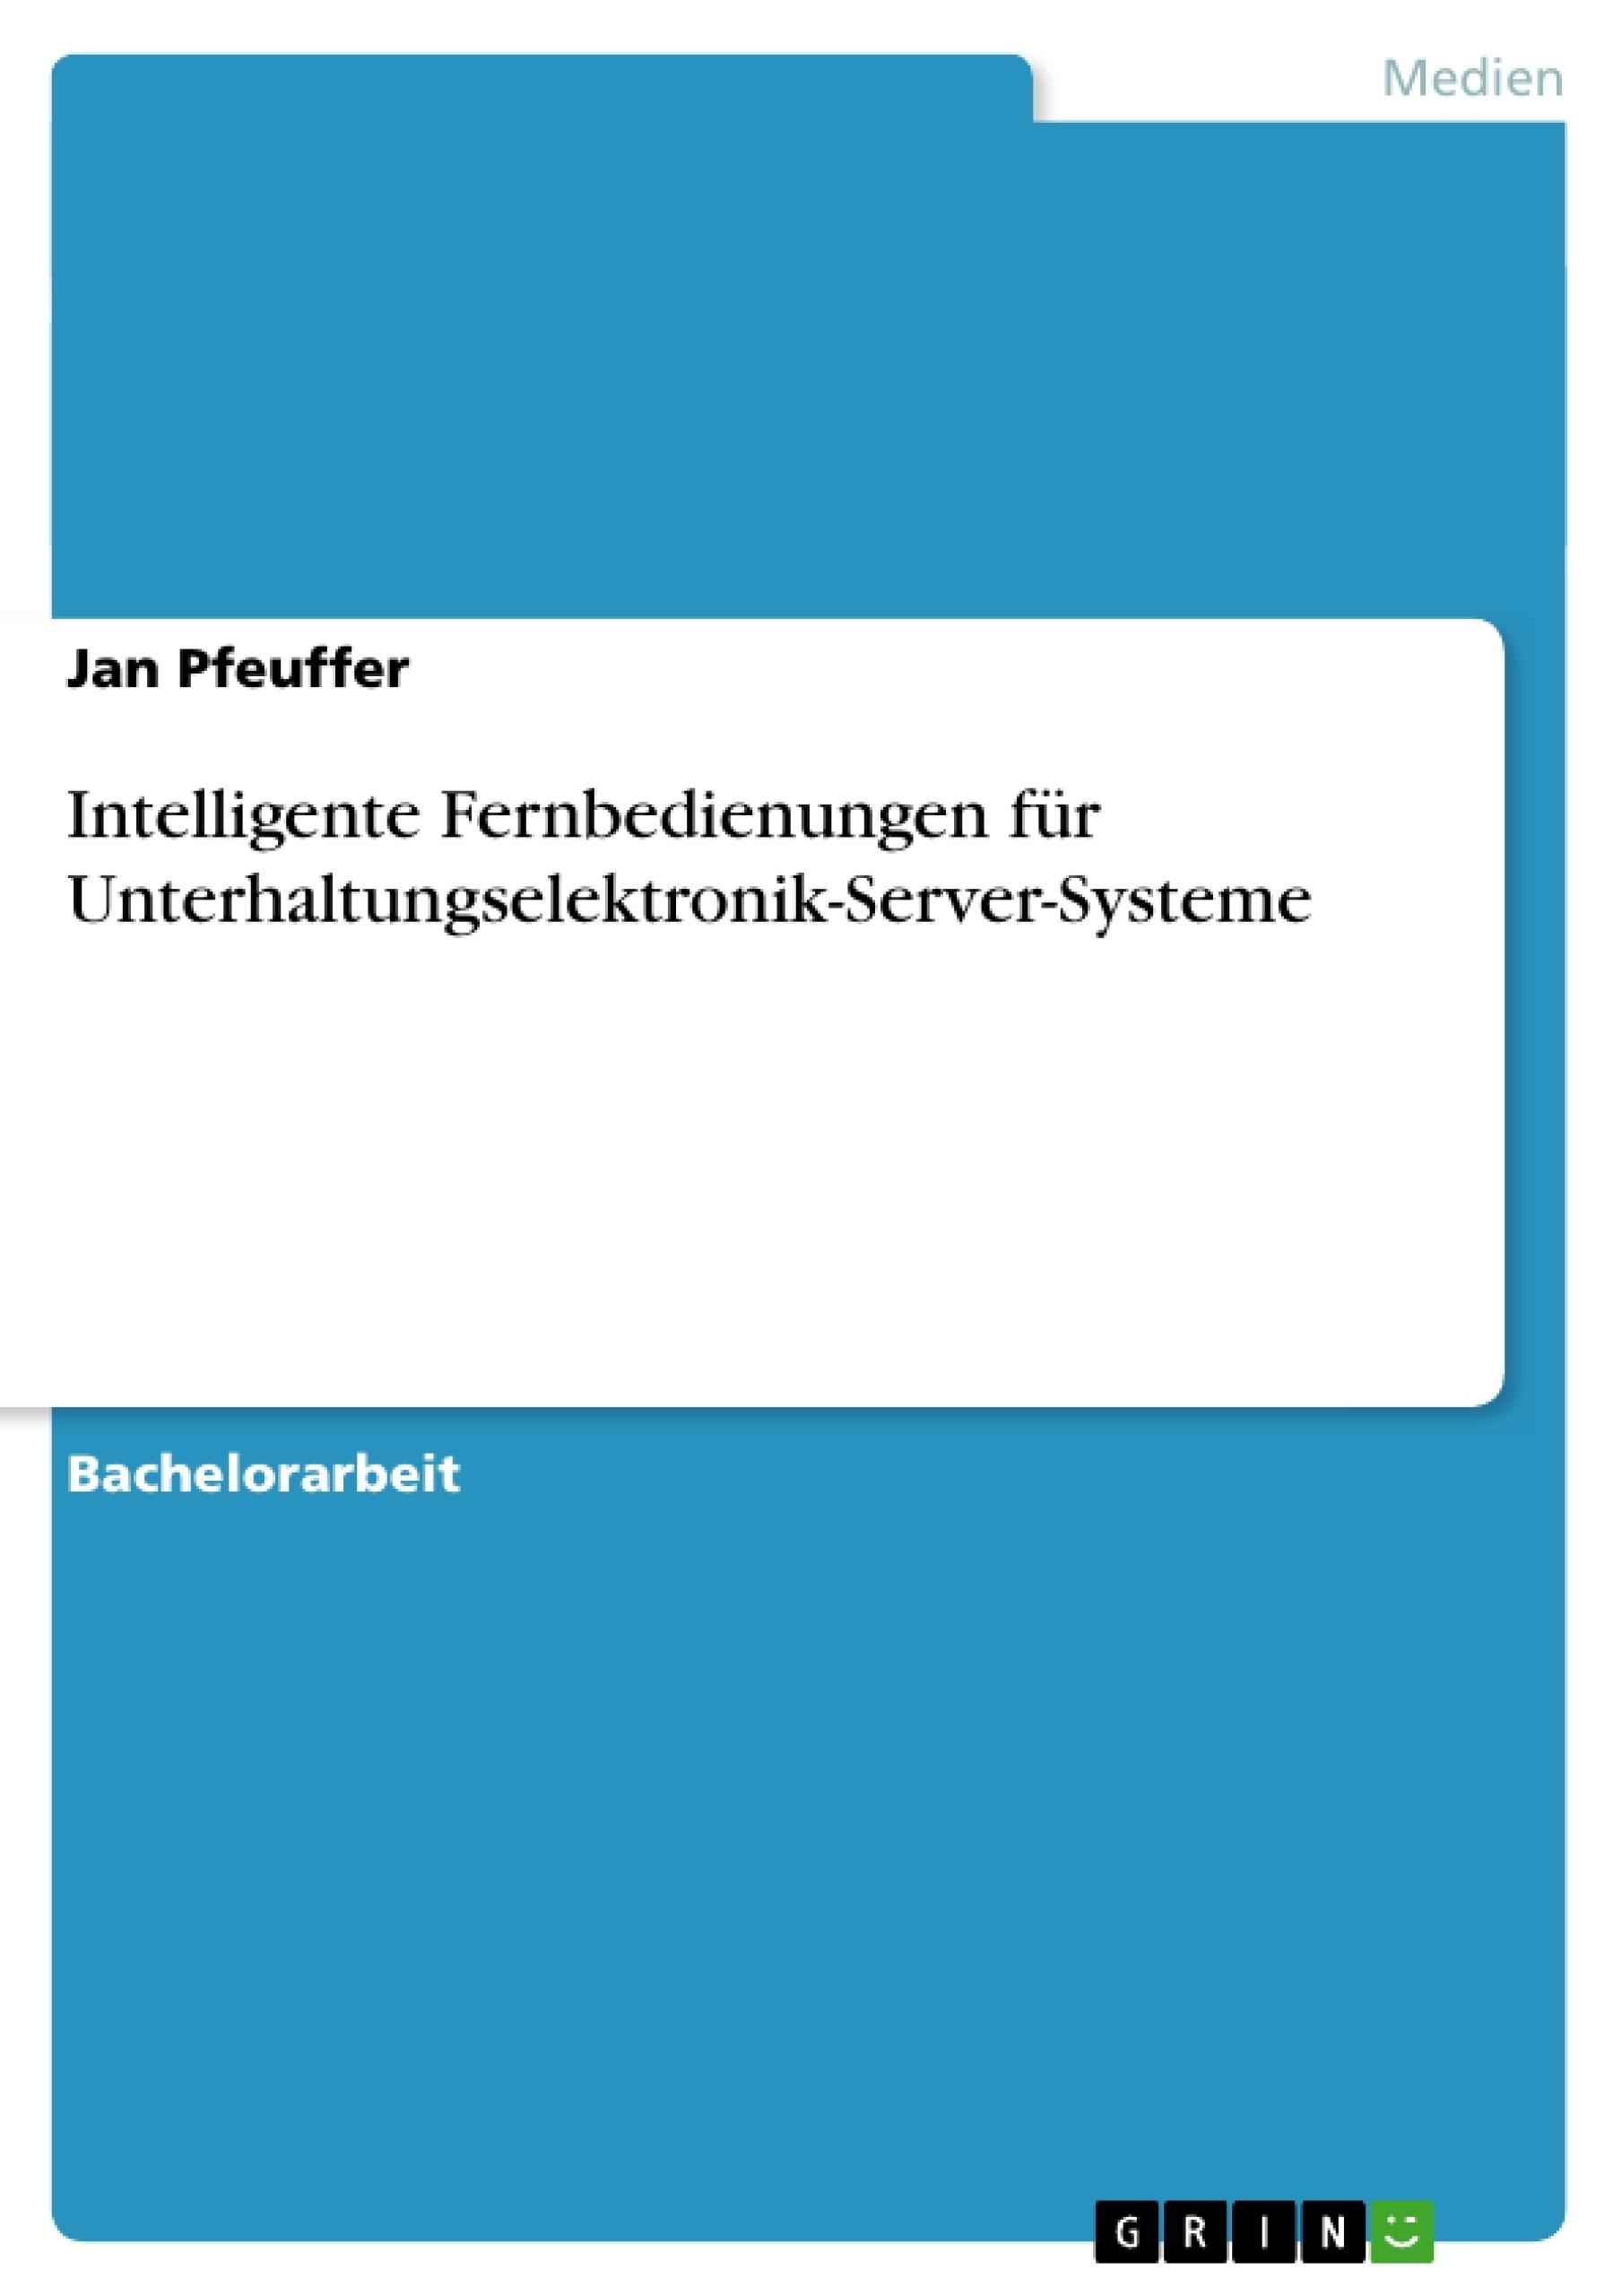 Titel: Intelligente Fernbedienungen für Unterhaltungselektronik-Server-Systeme